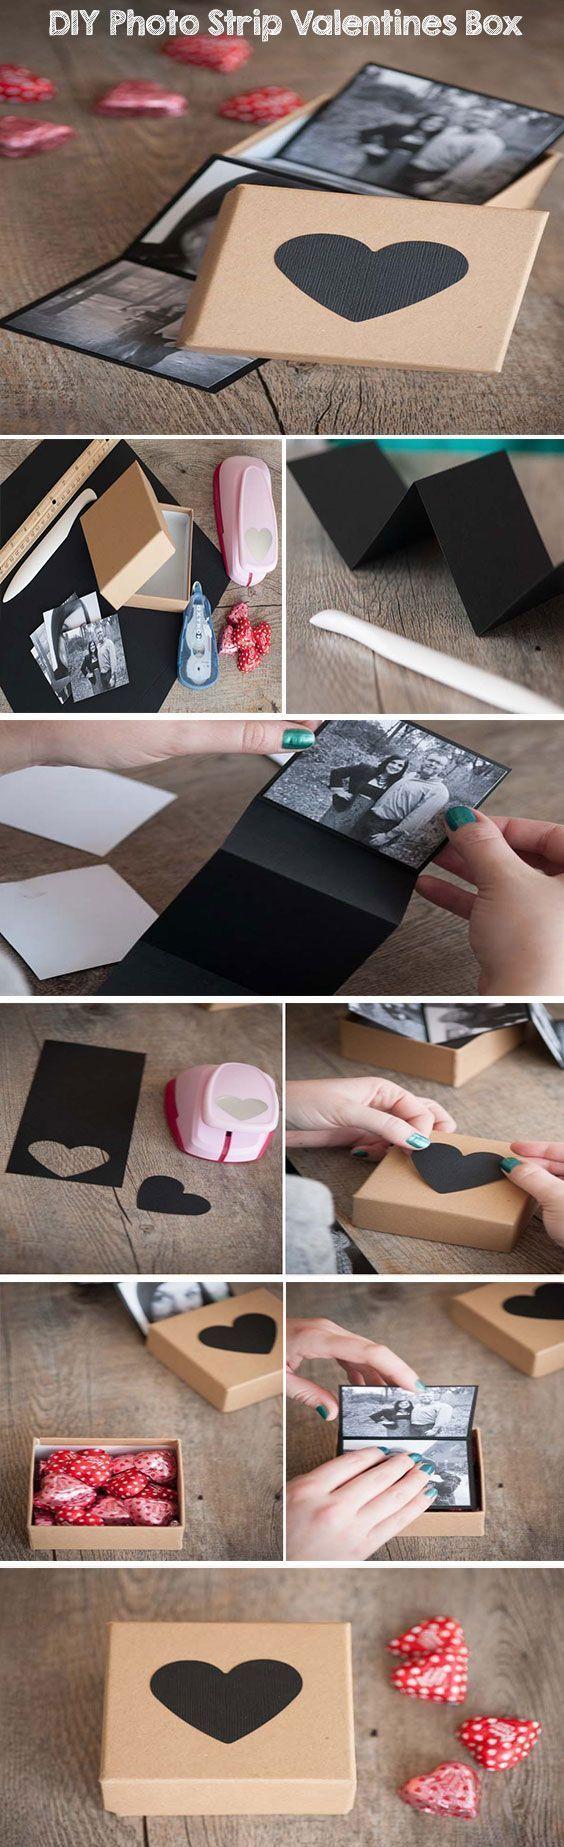 DIY Photo Strip Valentines Box For Your Boyfriend #girlfriendbirthdaygifts #boyfriendanniversarygifts